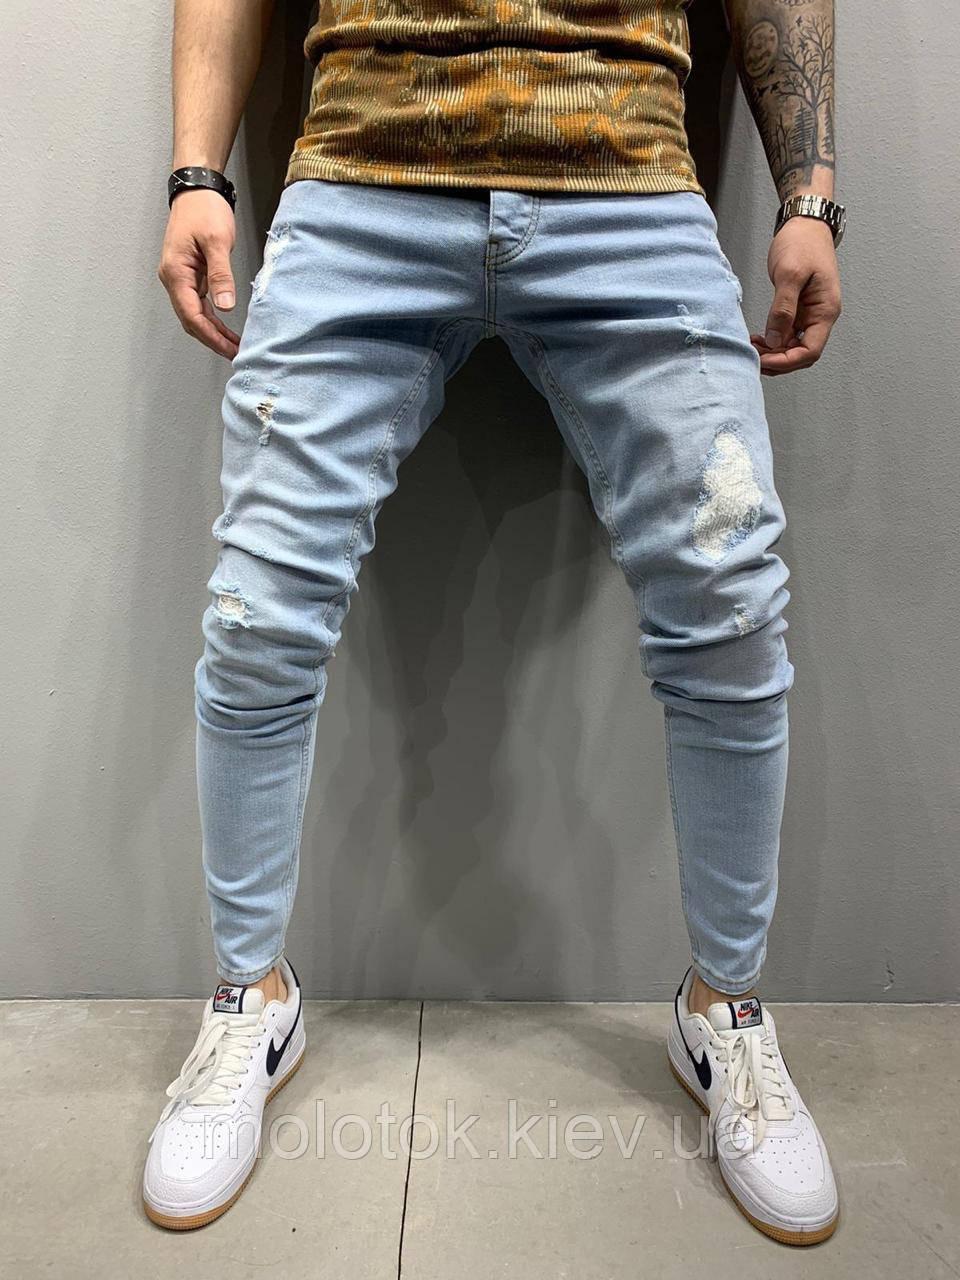 Мужские джинсы slim рваные демисезонные голубые Люкс